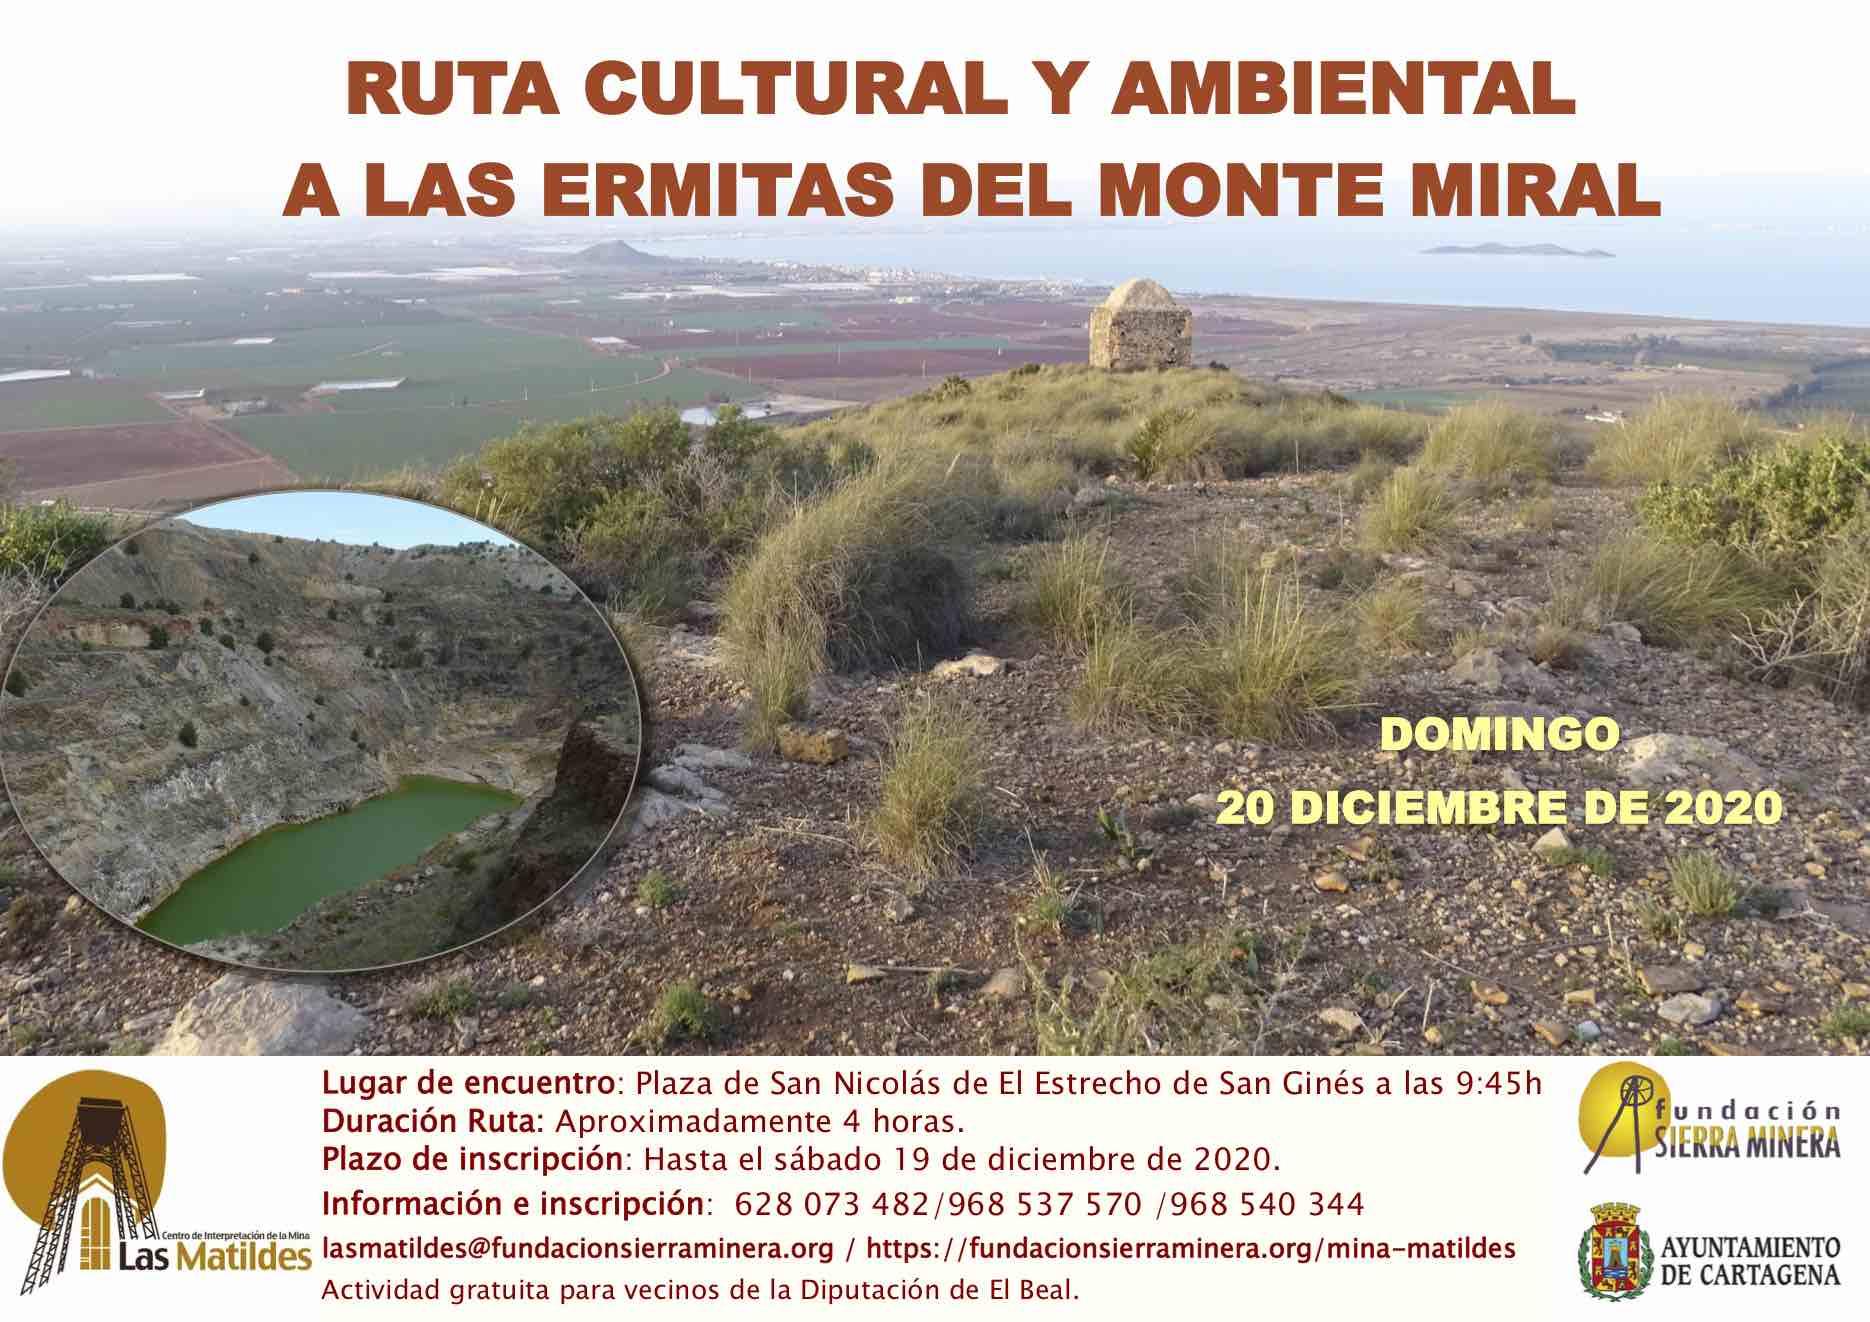 Ruta cultural y ambiental a las ermitas del Monte Miral